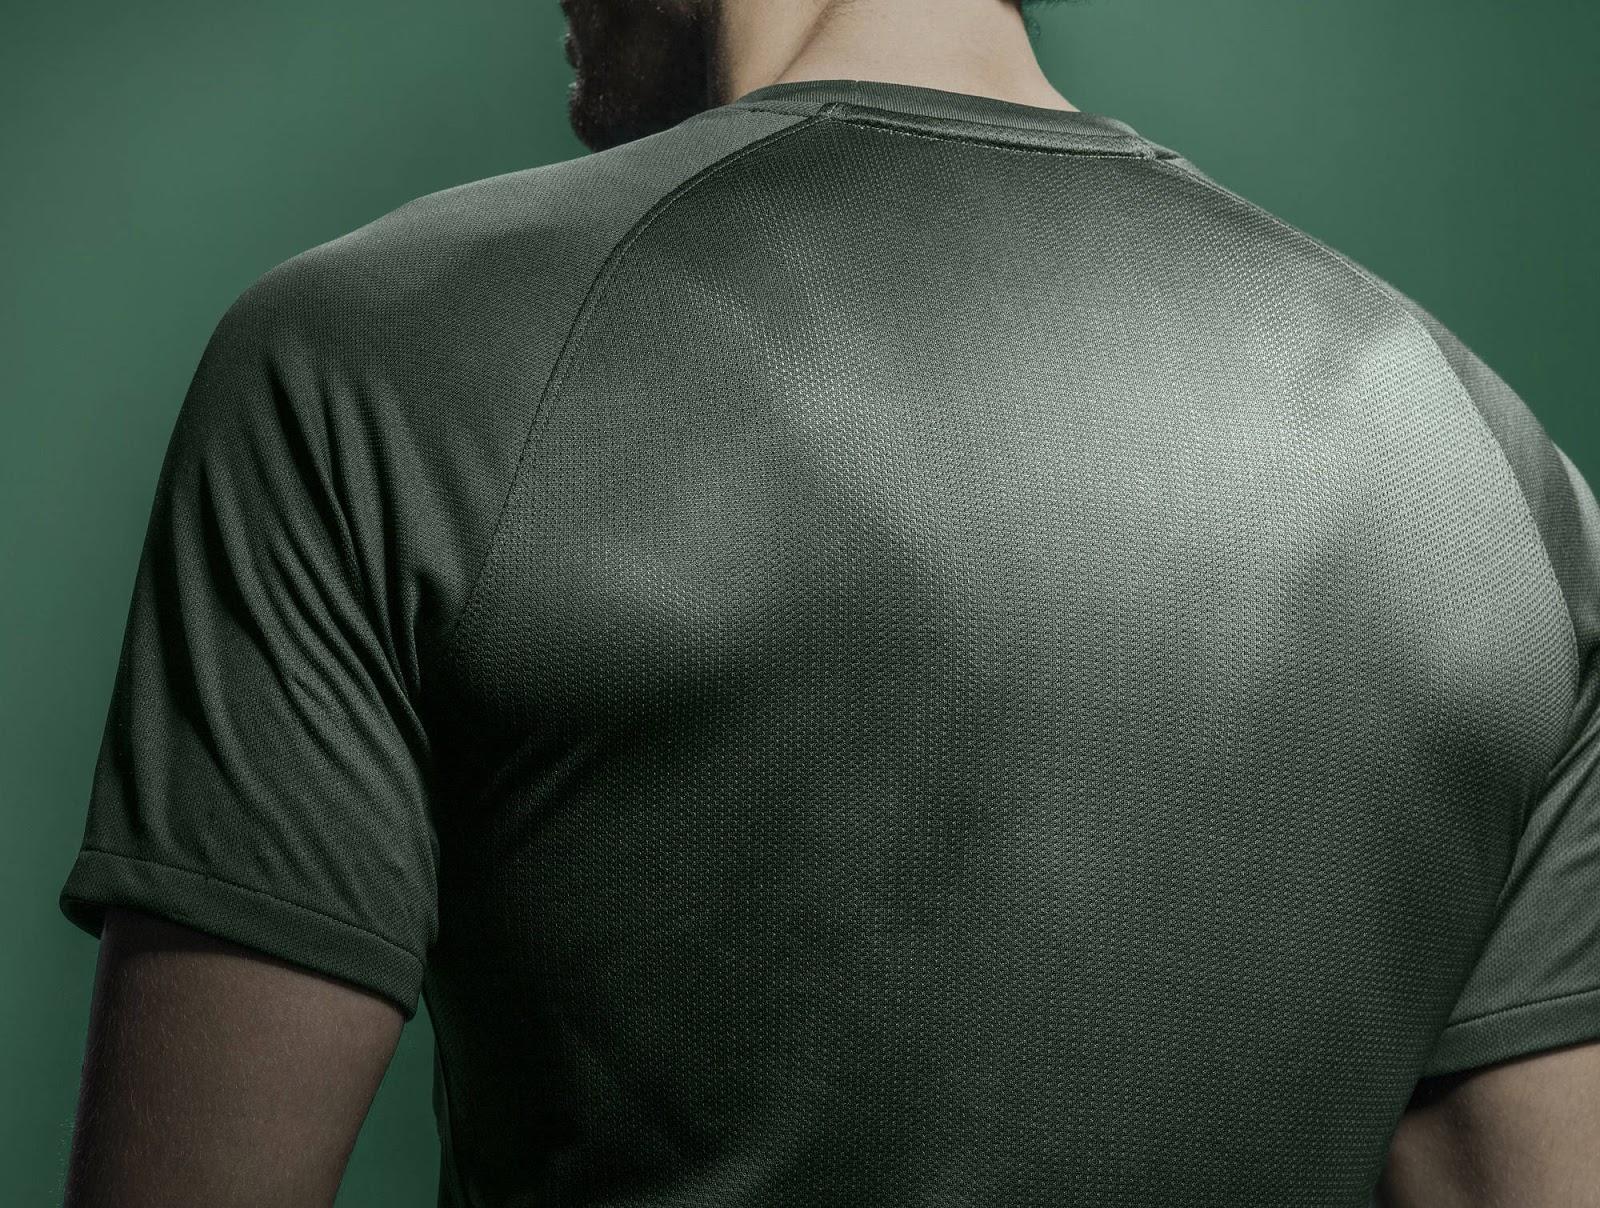 Nike Brazil 2014 Third Kit (6)